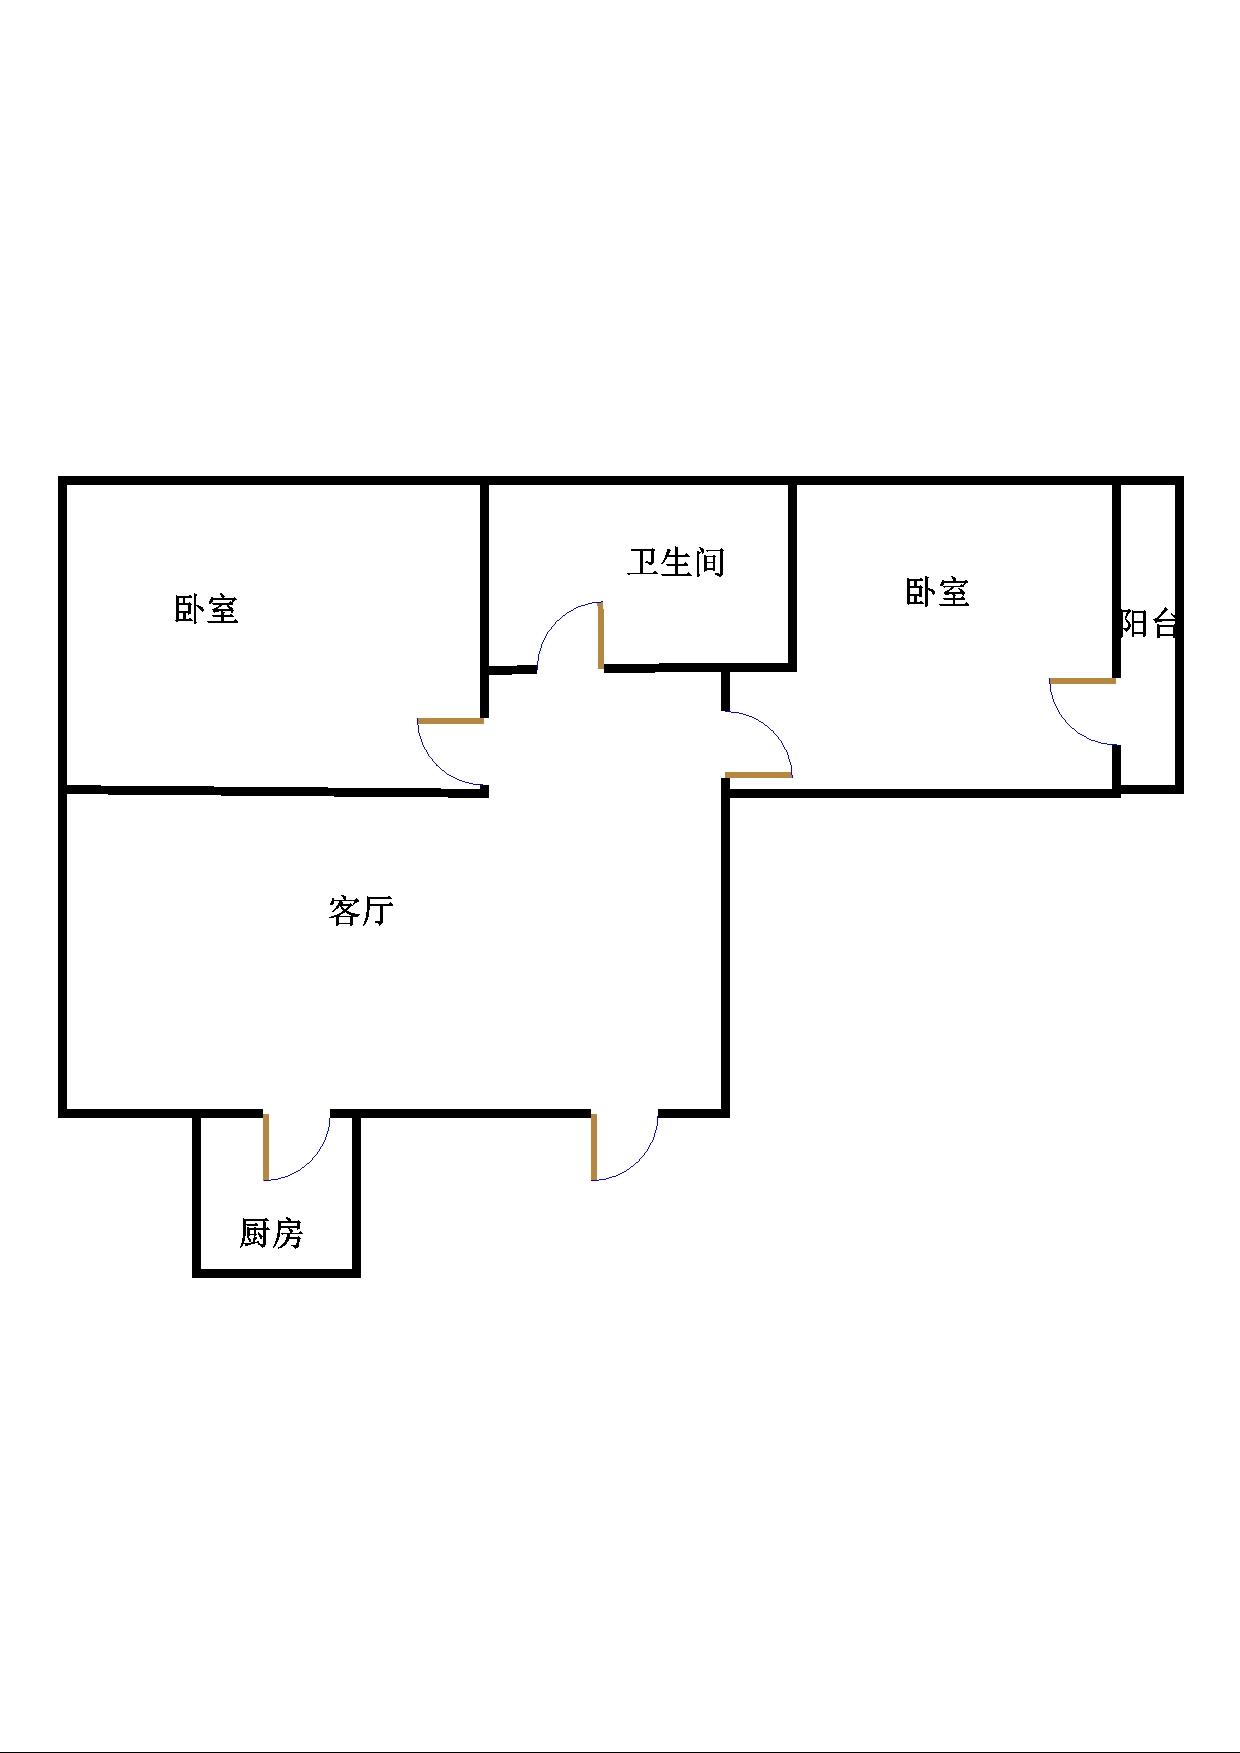 南苑花城 2室1厅  简装 80万